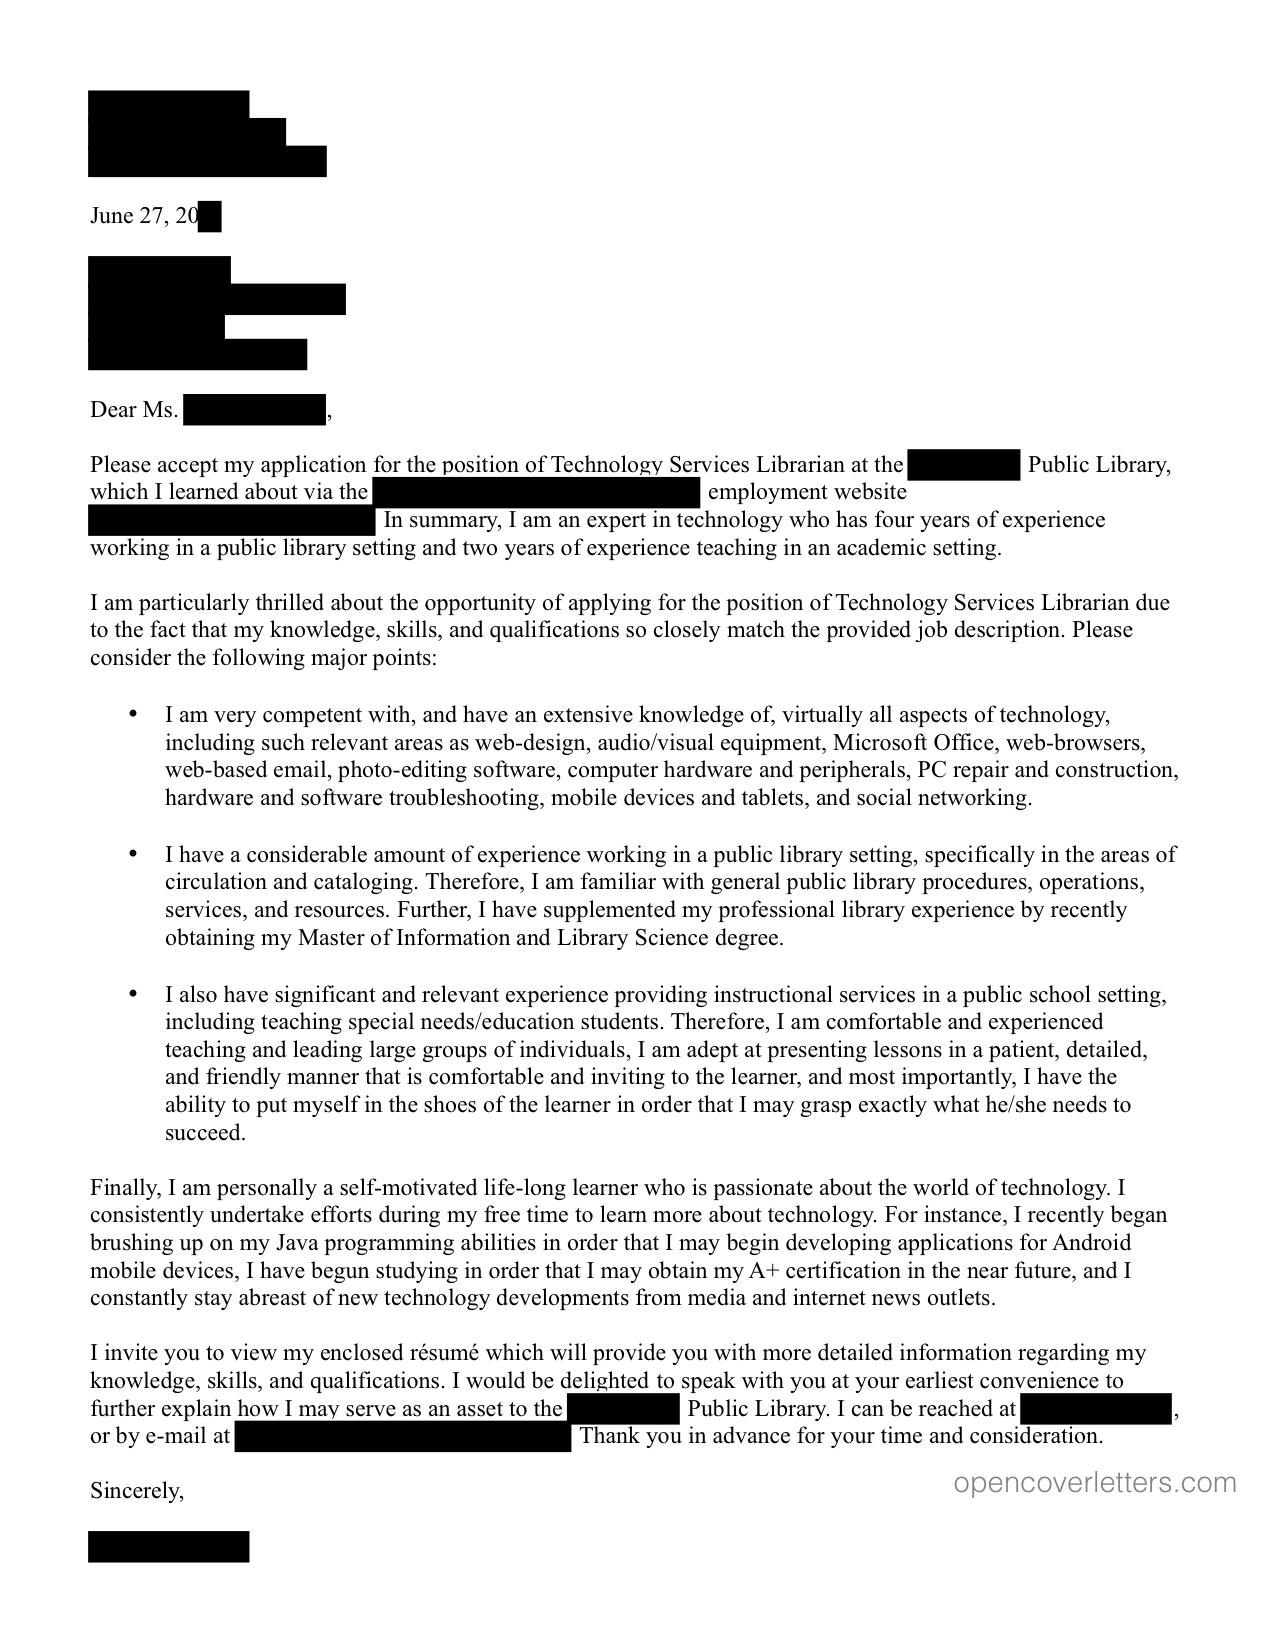 Public Open Cover Letters